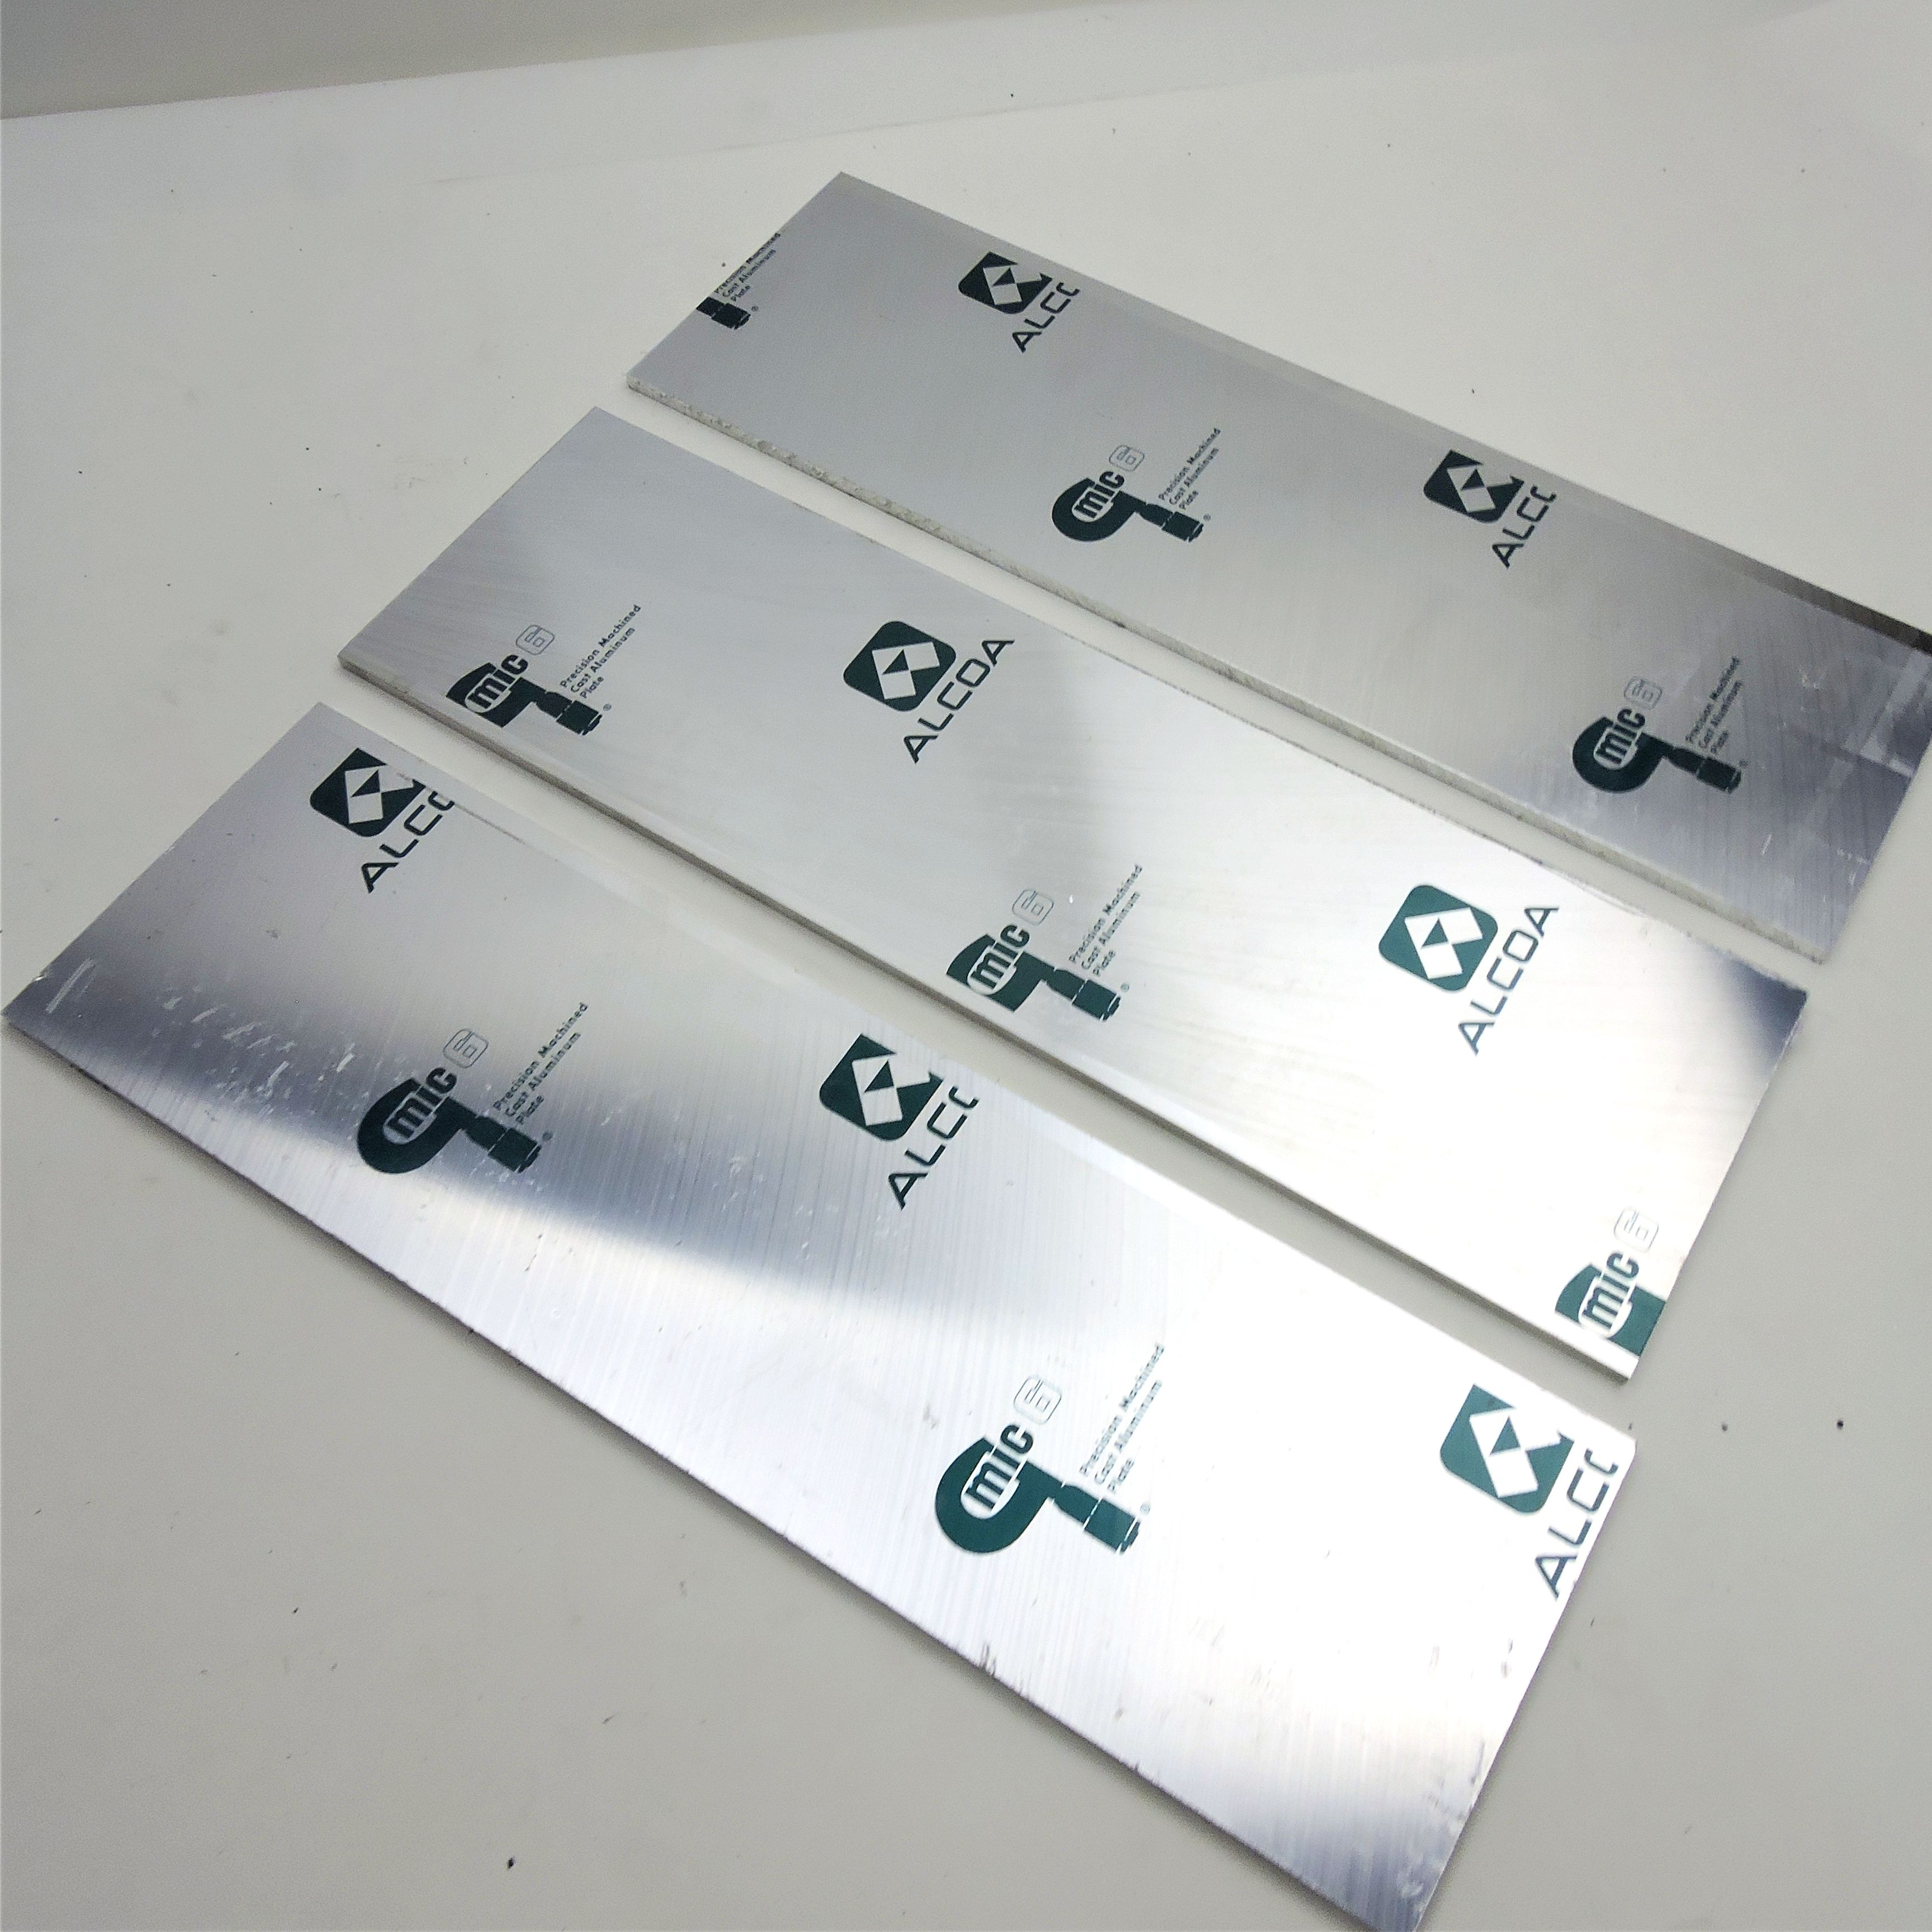 """.3125/"""" thick CAST Aluminum MIC-6  Flat PLATE 3.9375/"""" x 13.625/"""" QTY 5  sku174541"""